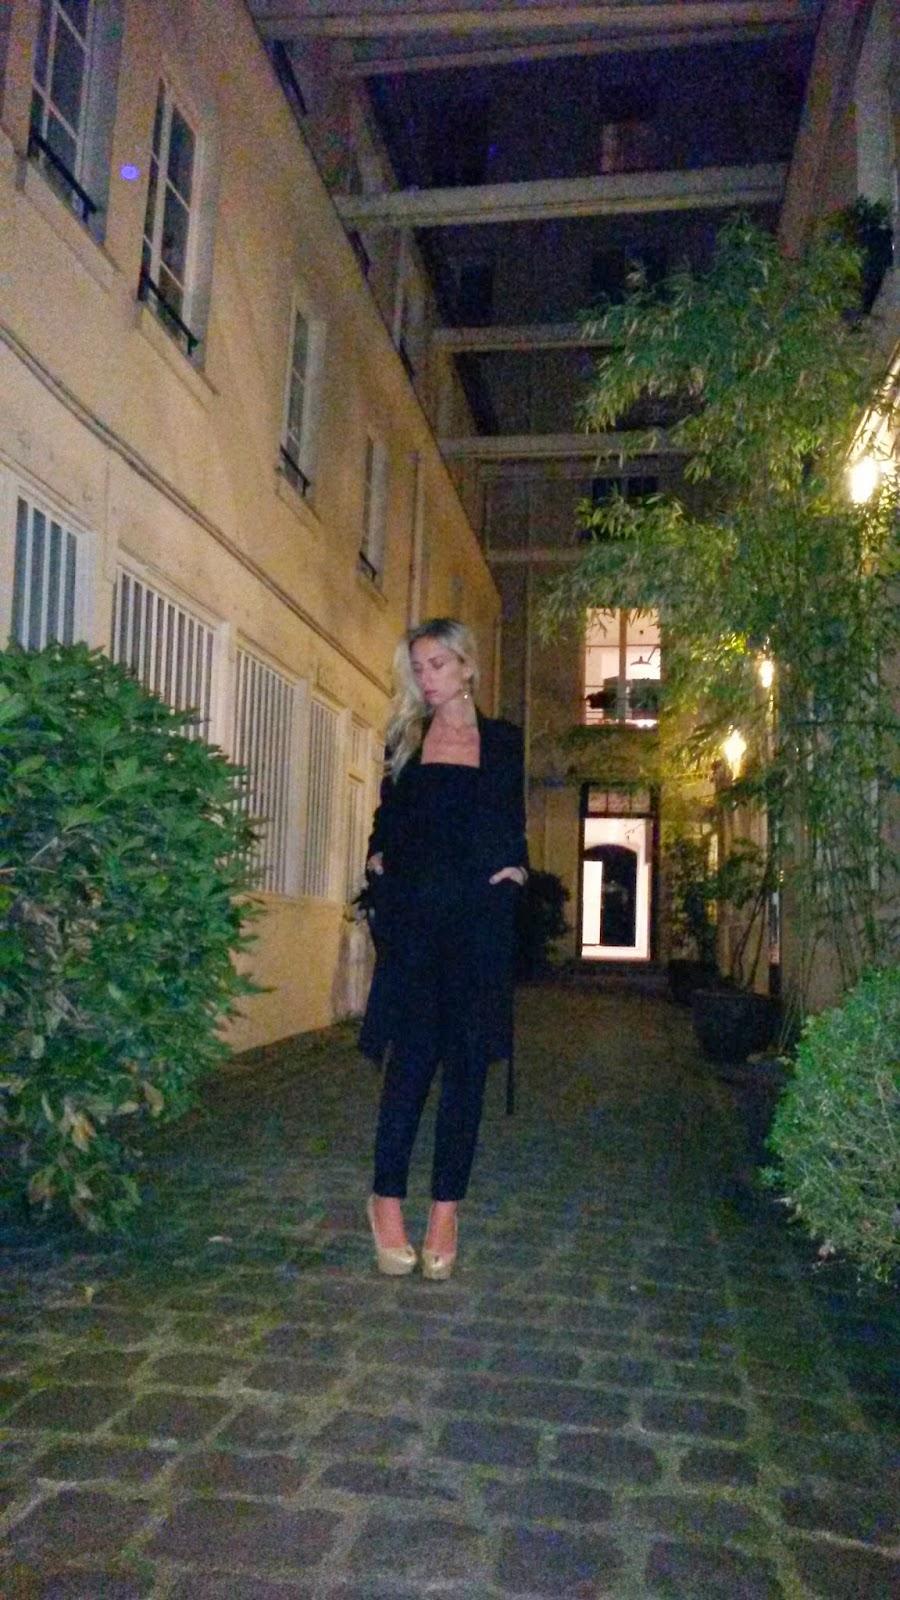 Black total look - Paris by night